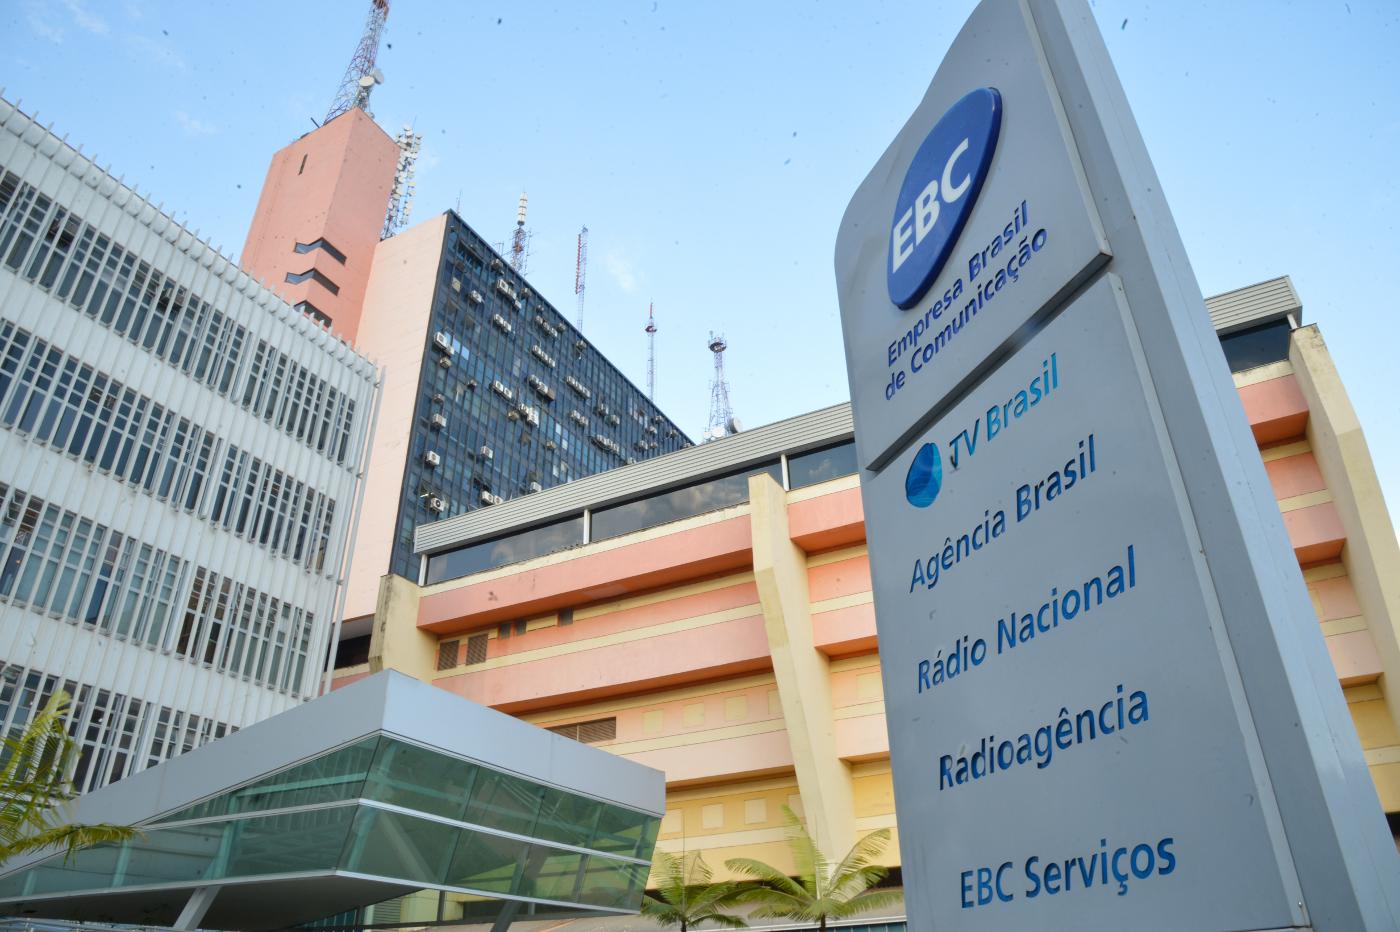 A fragilidade da comunicação pública no Brasil e sua relação com uma democracia nunca consolidada